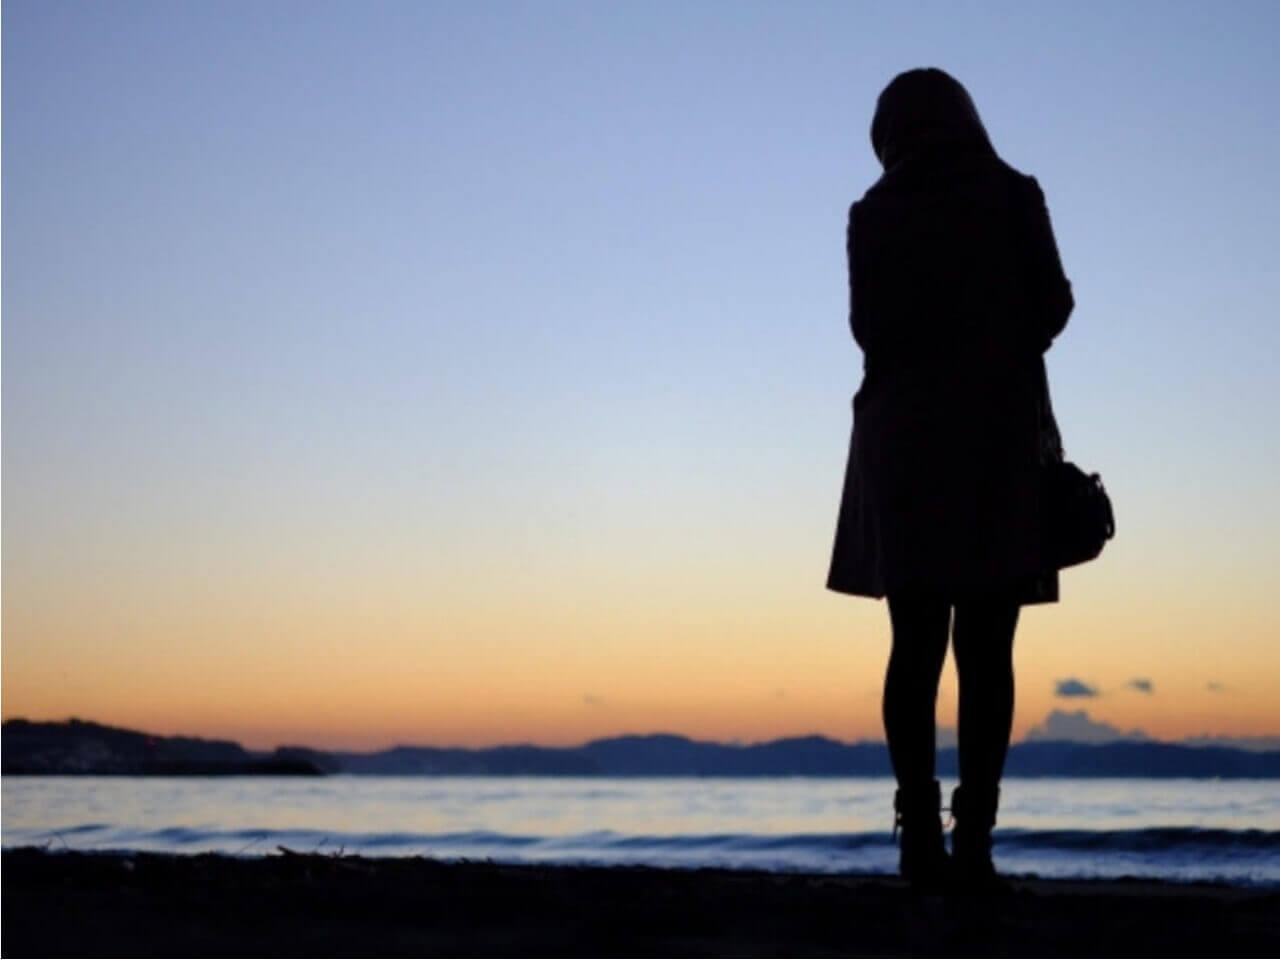 夕暮れの海でひとりぼっちの女性